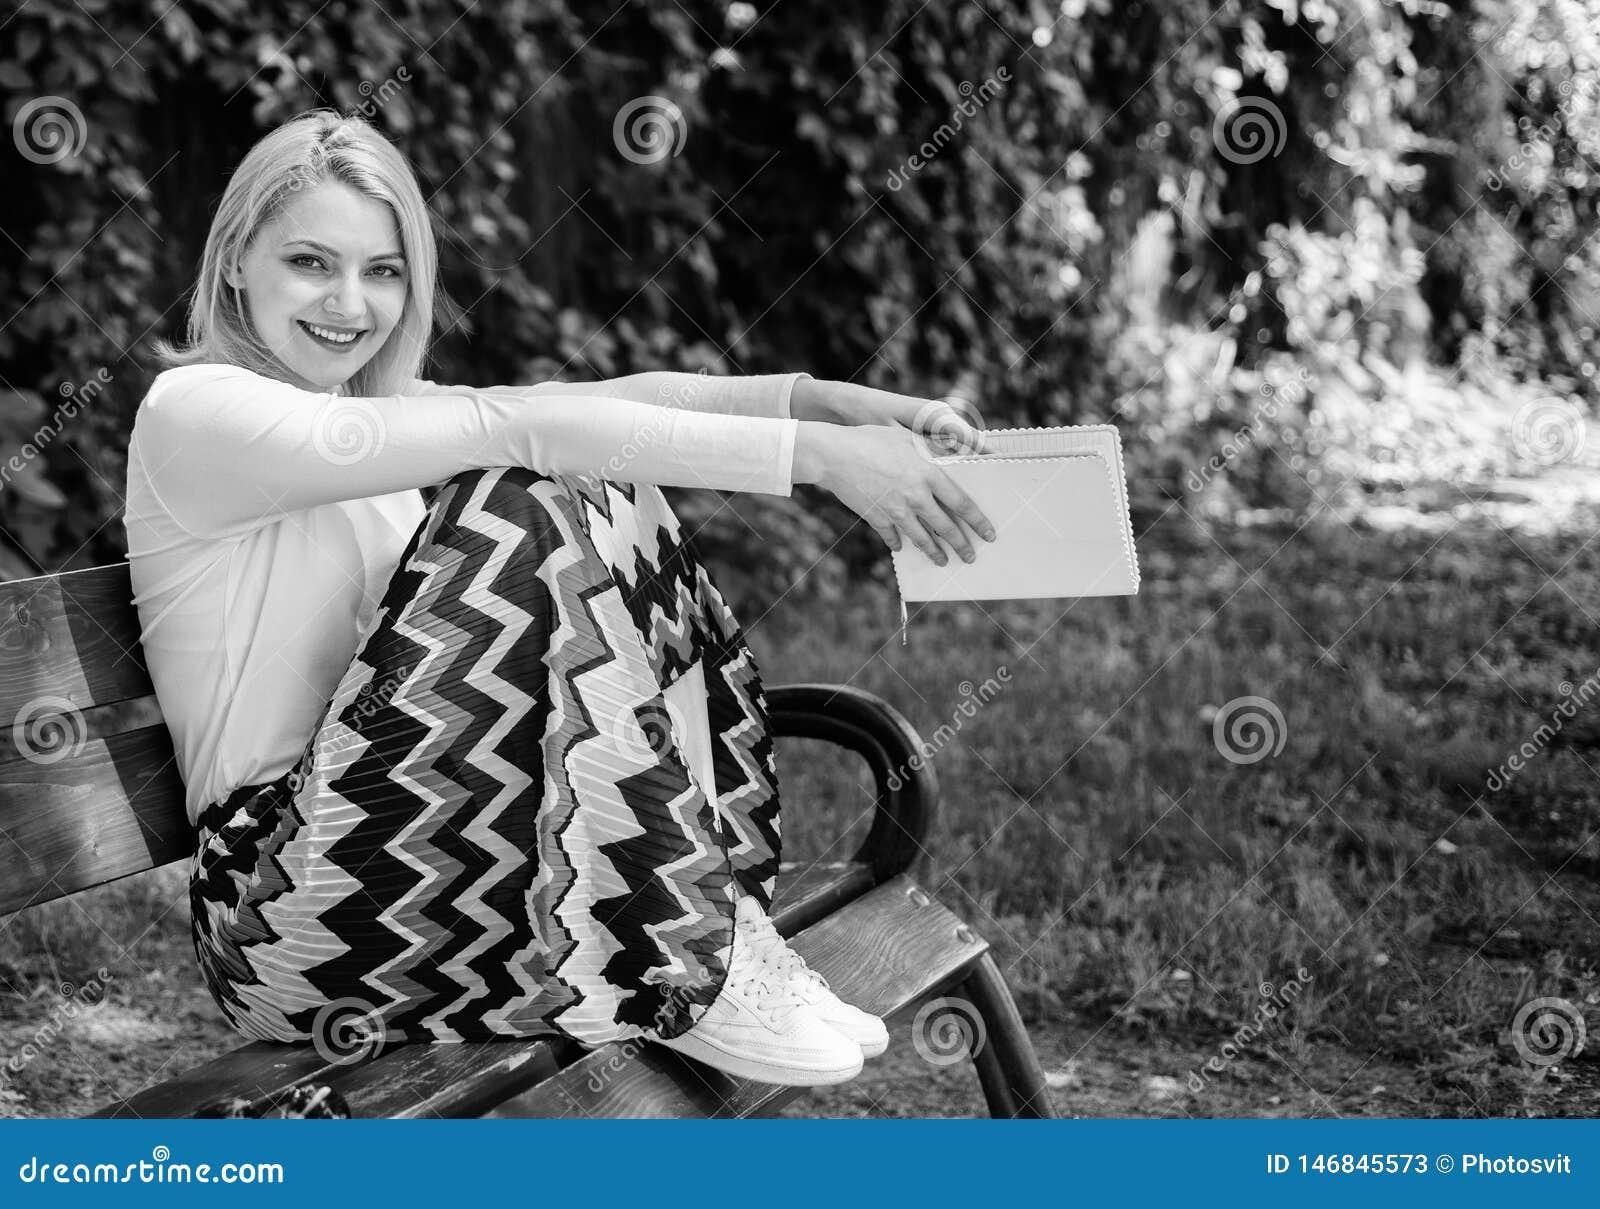 Entspannen Sie sich sogar wenige Minuten verringern Druck Griffbuchgartens Dame sonniger Tag des recht gl?cklichen M?dchen sitzen